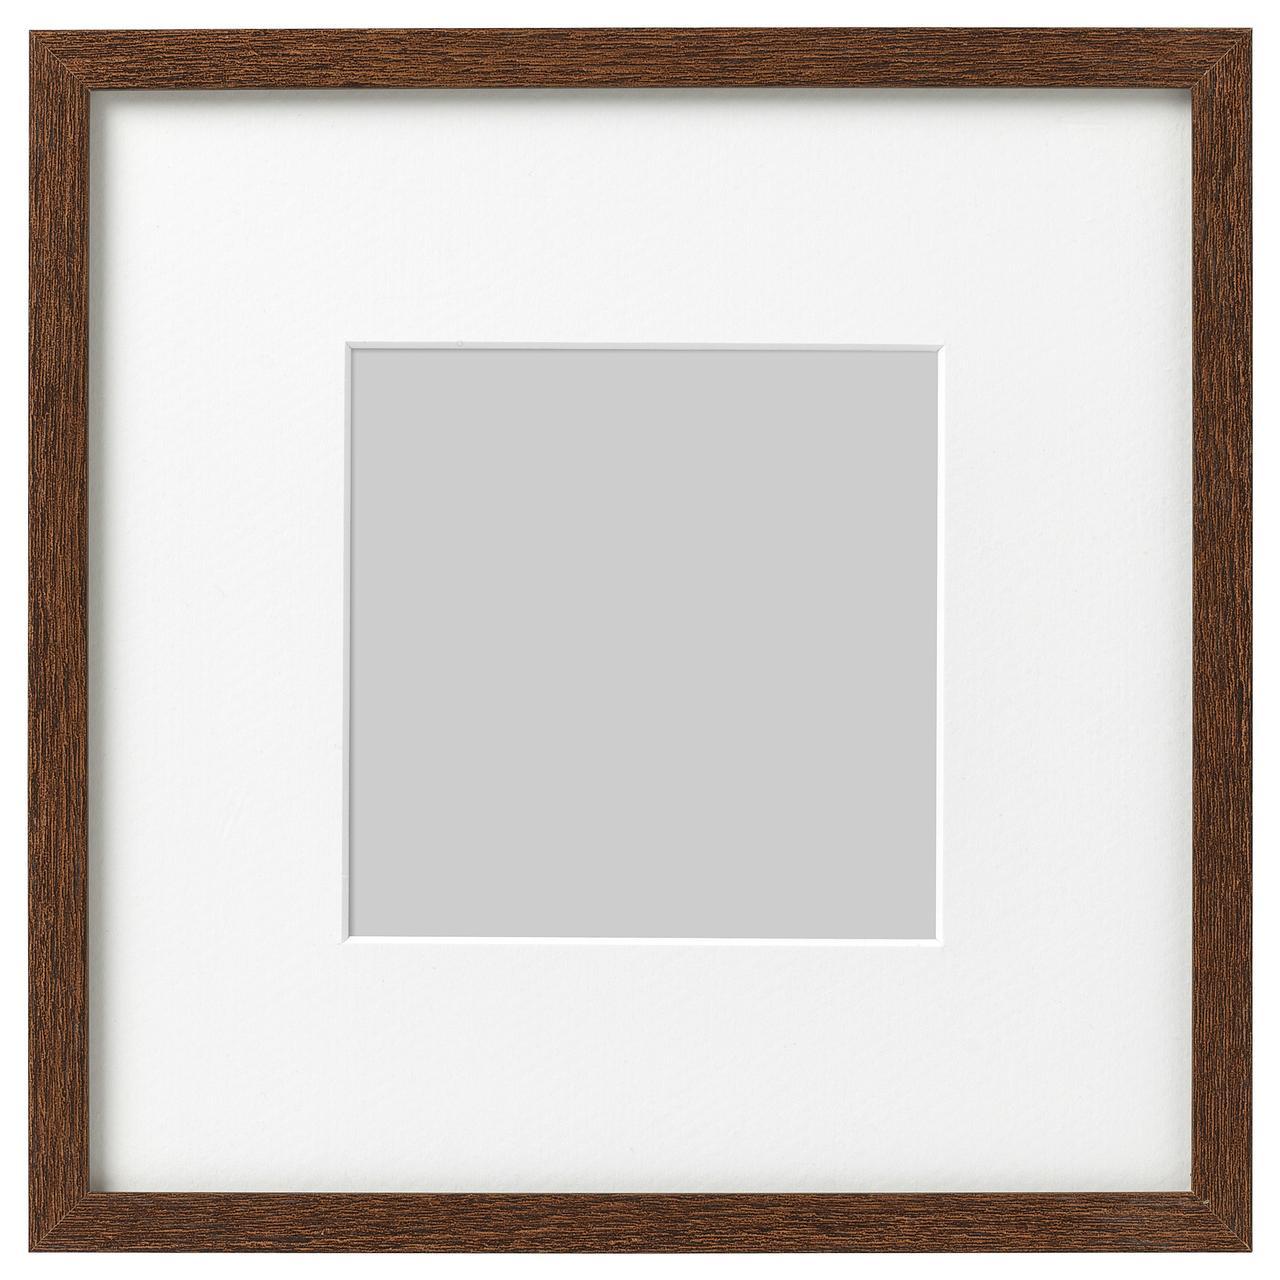 Рамка для фотографий IKEA HOVSTA 23x23 см коричневая 303.657.53